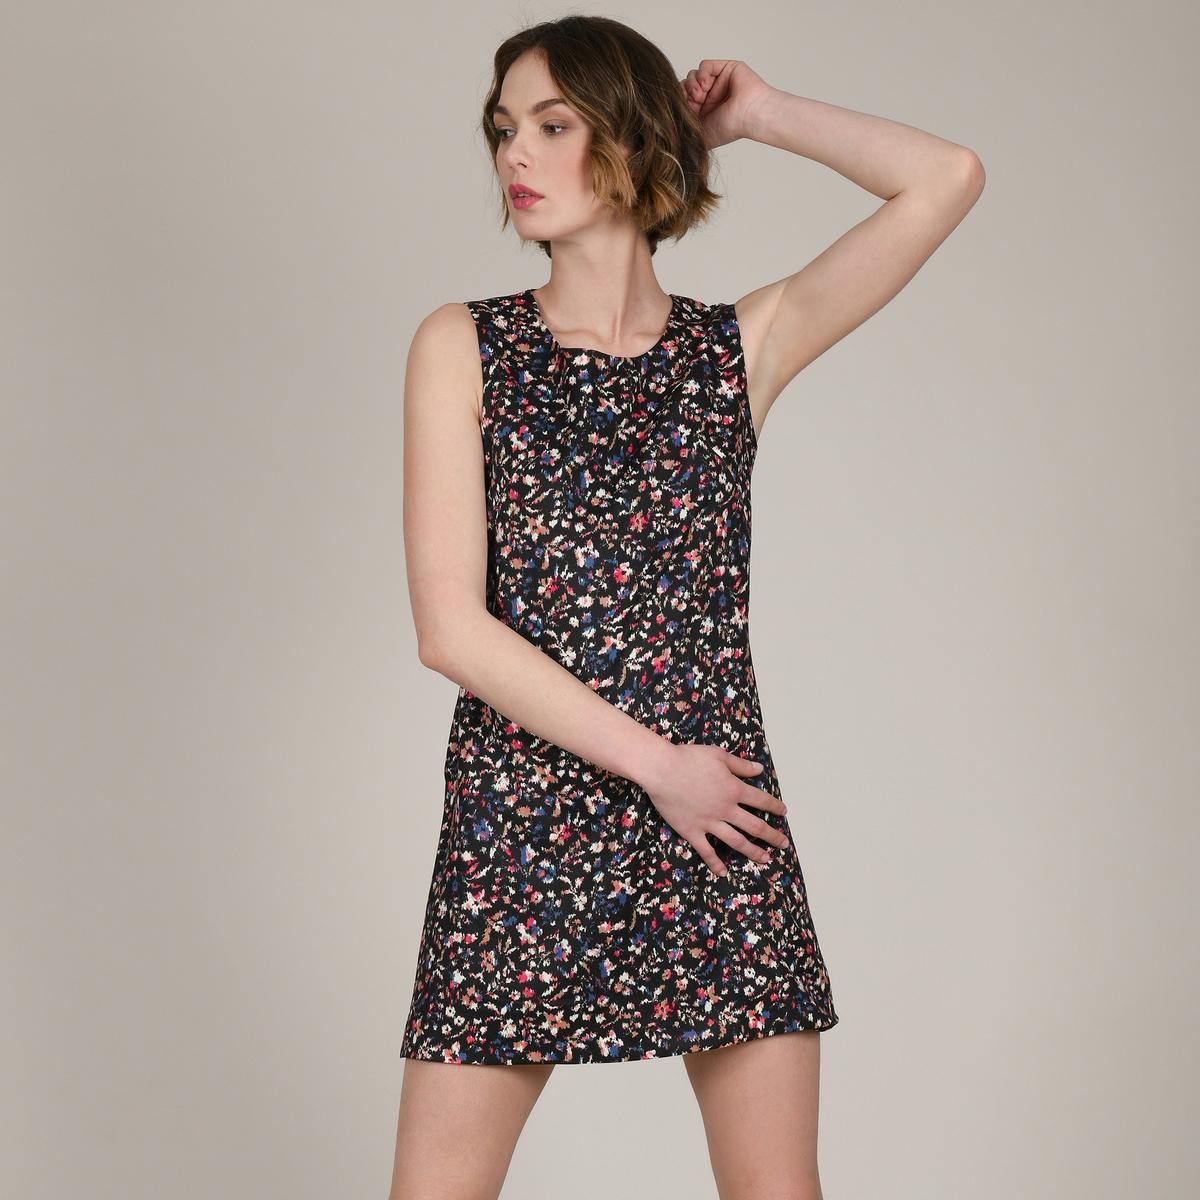 Платье La Redoute Короткое прямое с цветочным рисунком без рукавов M черный платье прямое с цветочным рисунком и контрастной полосой сзади